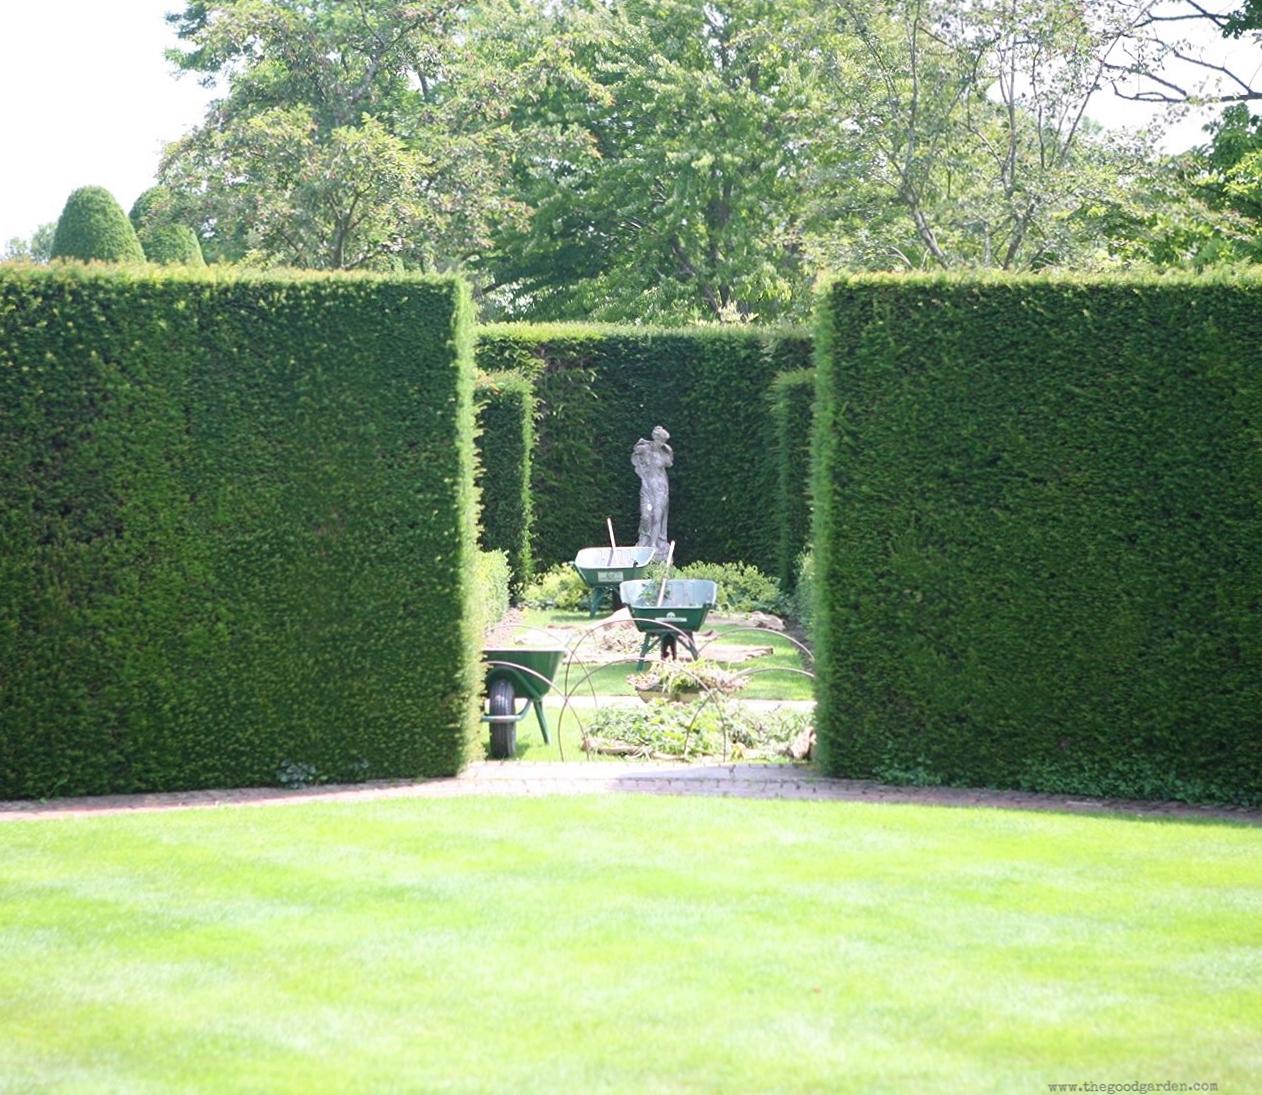 Yew in simple, rectangular shapes framea garden at Sissinghurst Castle, Kent, England.